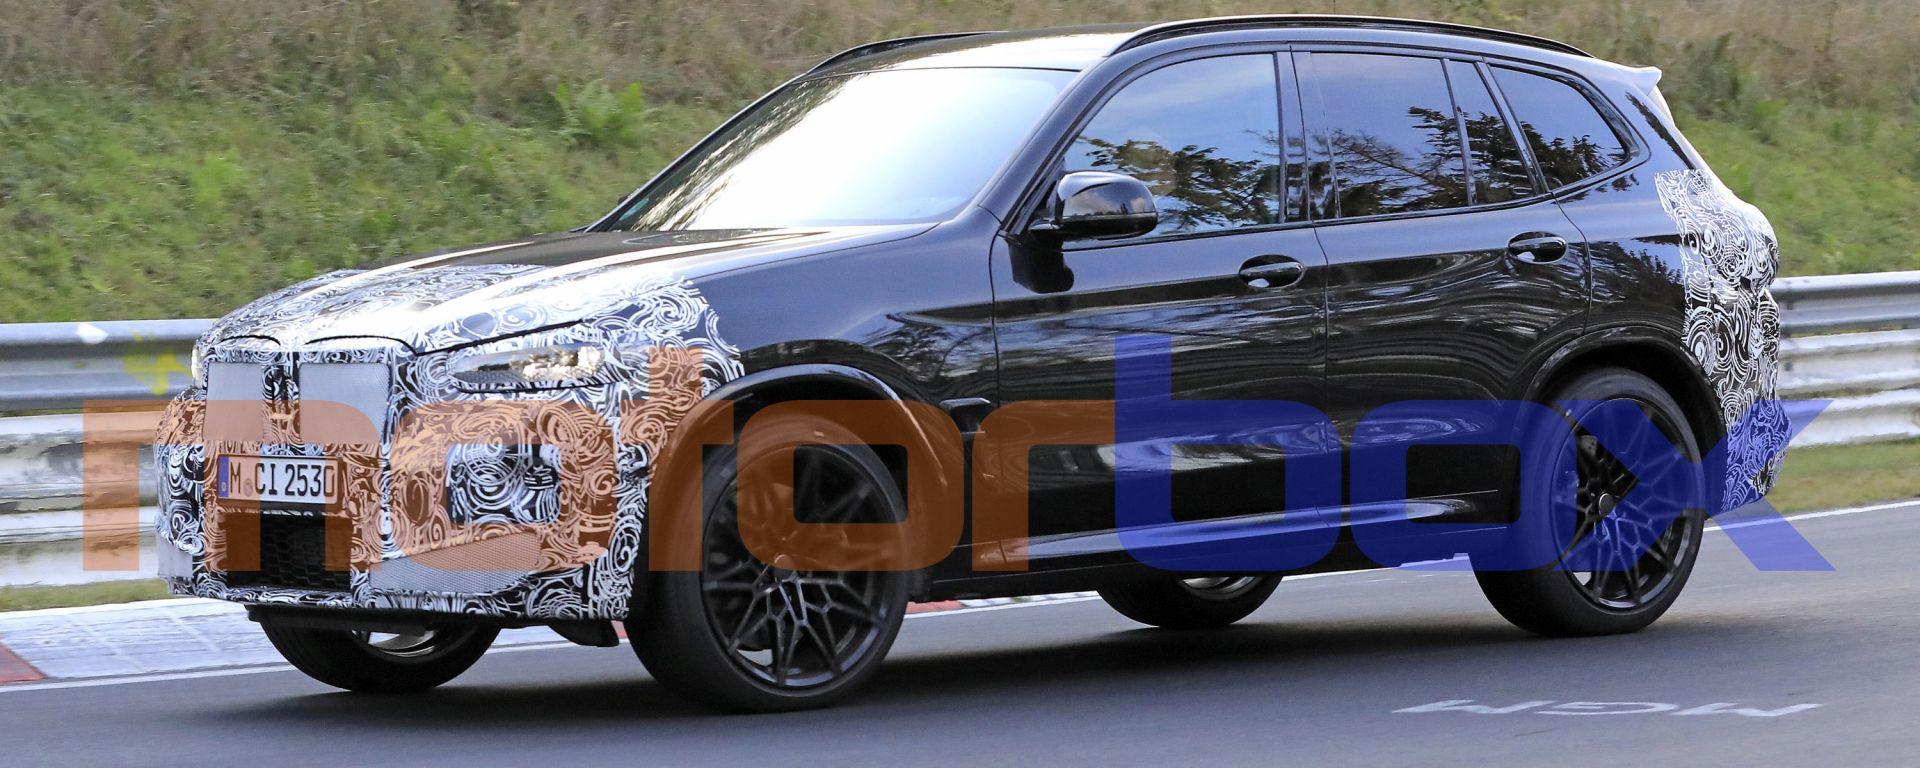 BMW X3 M 2021: le foto del facelift